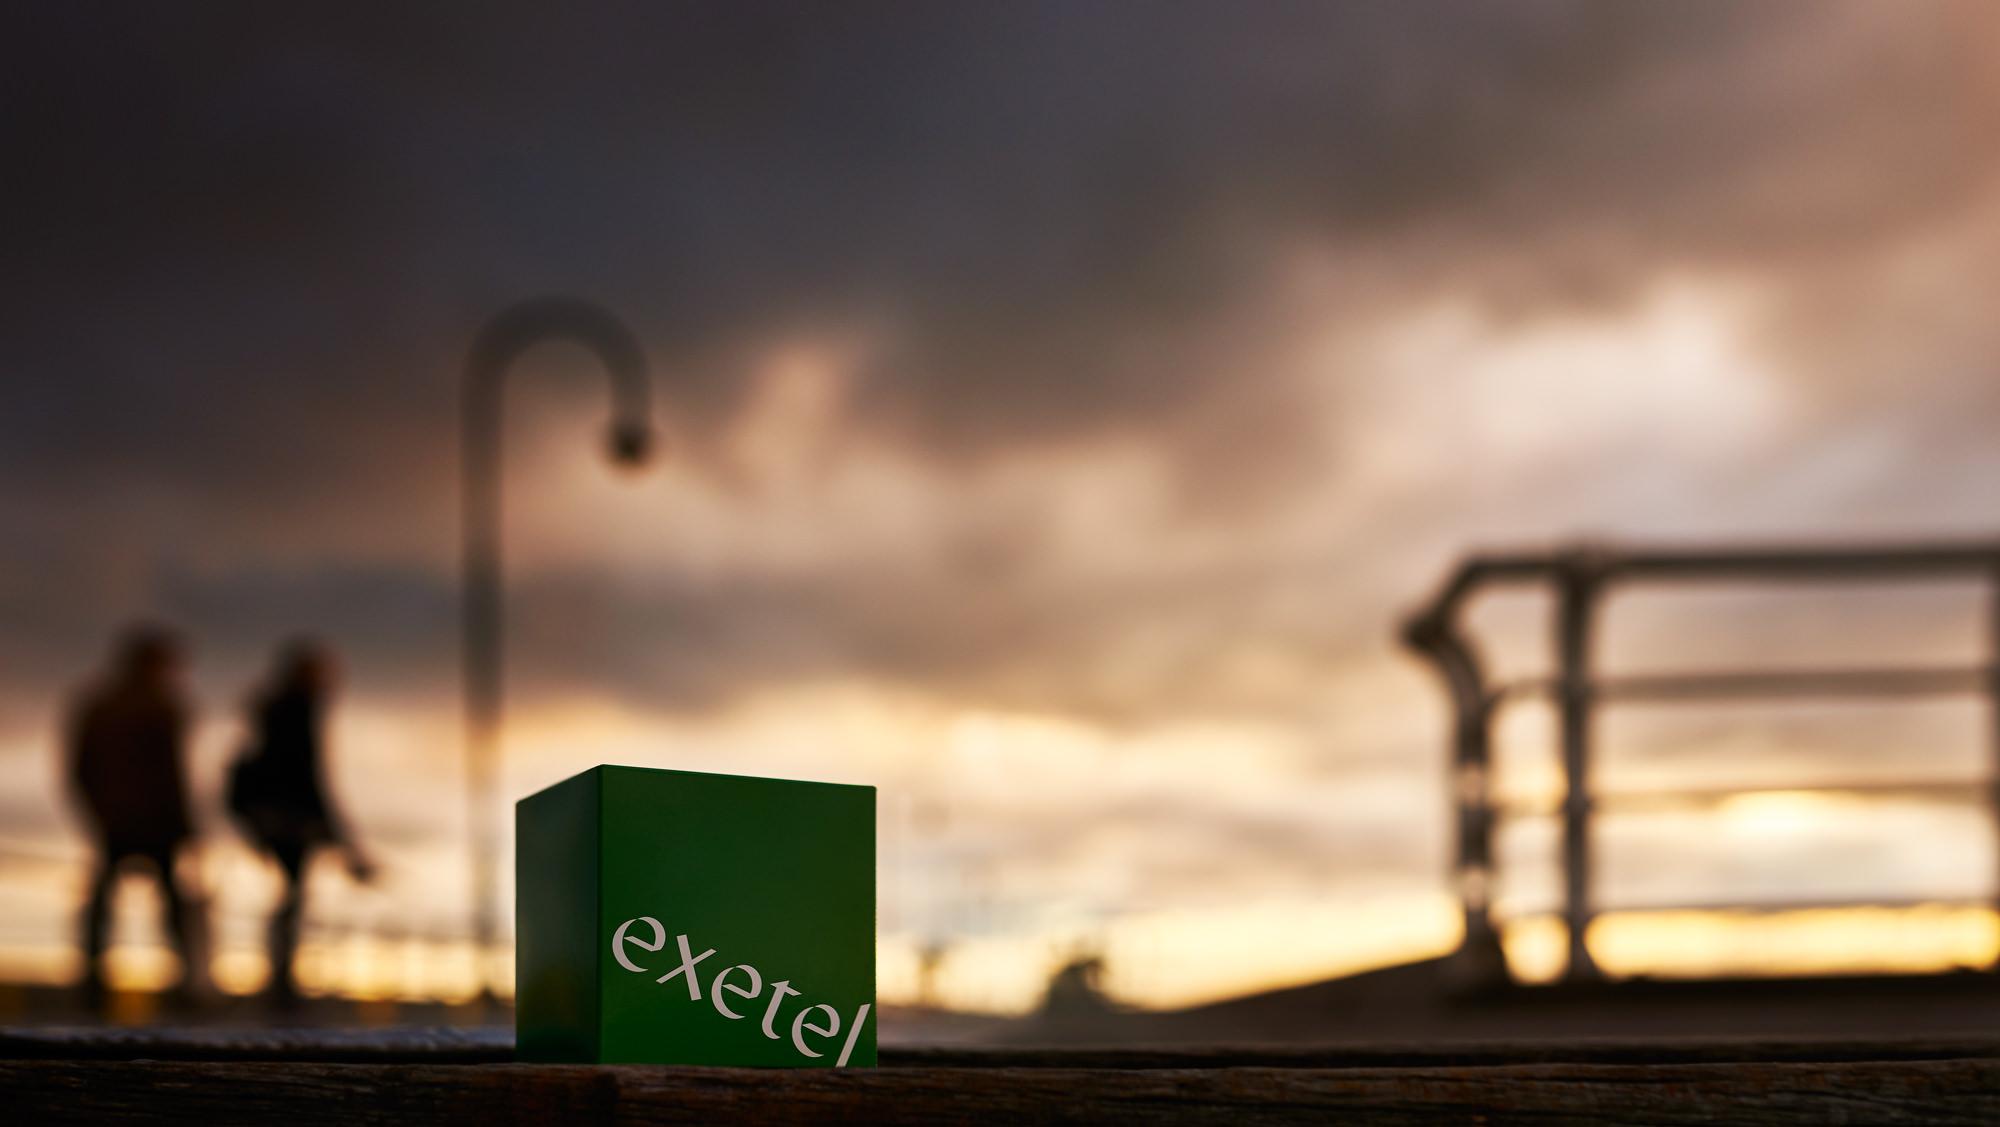 EXETEL-LOGO-06-STEPHEN-STEWART.jpg